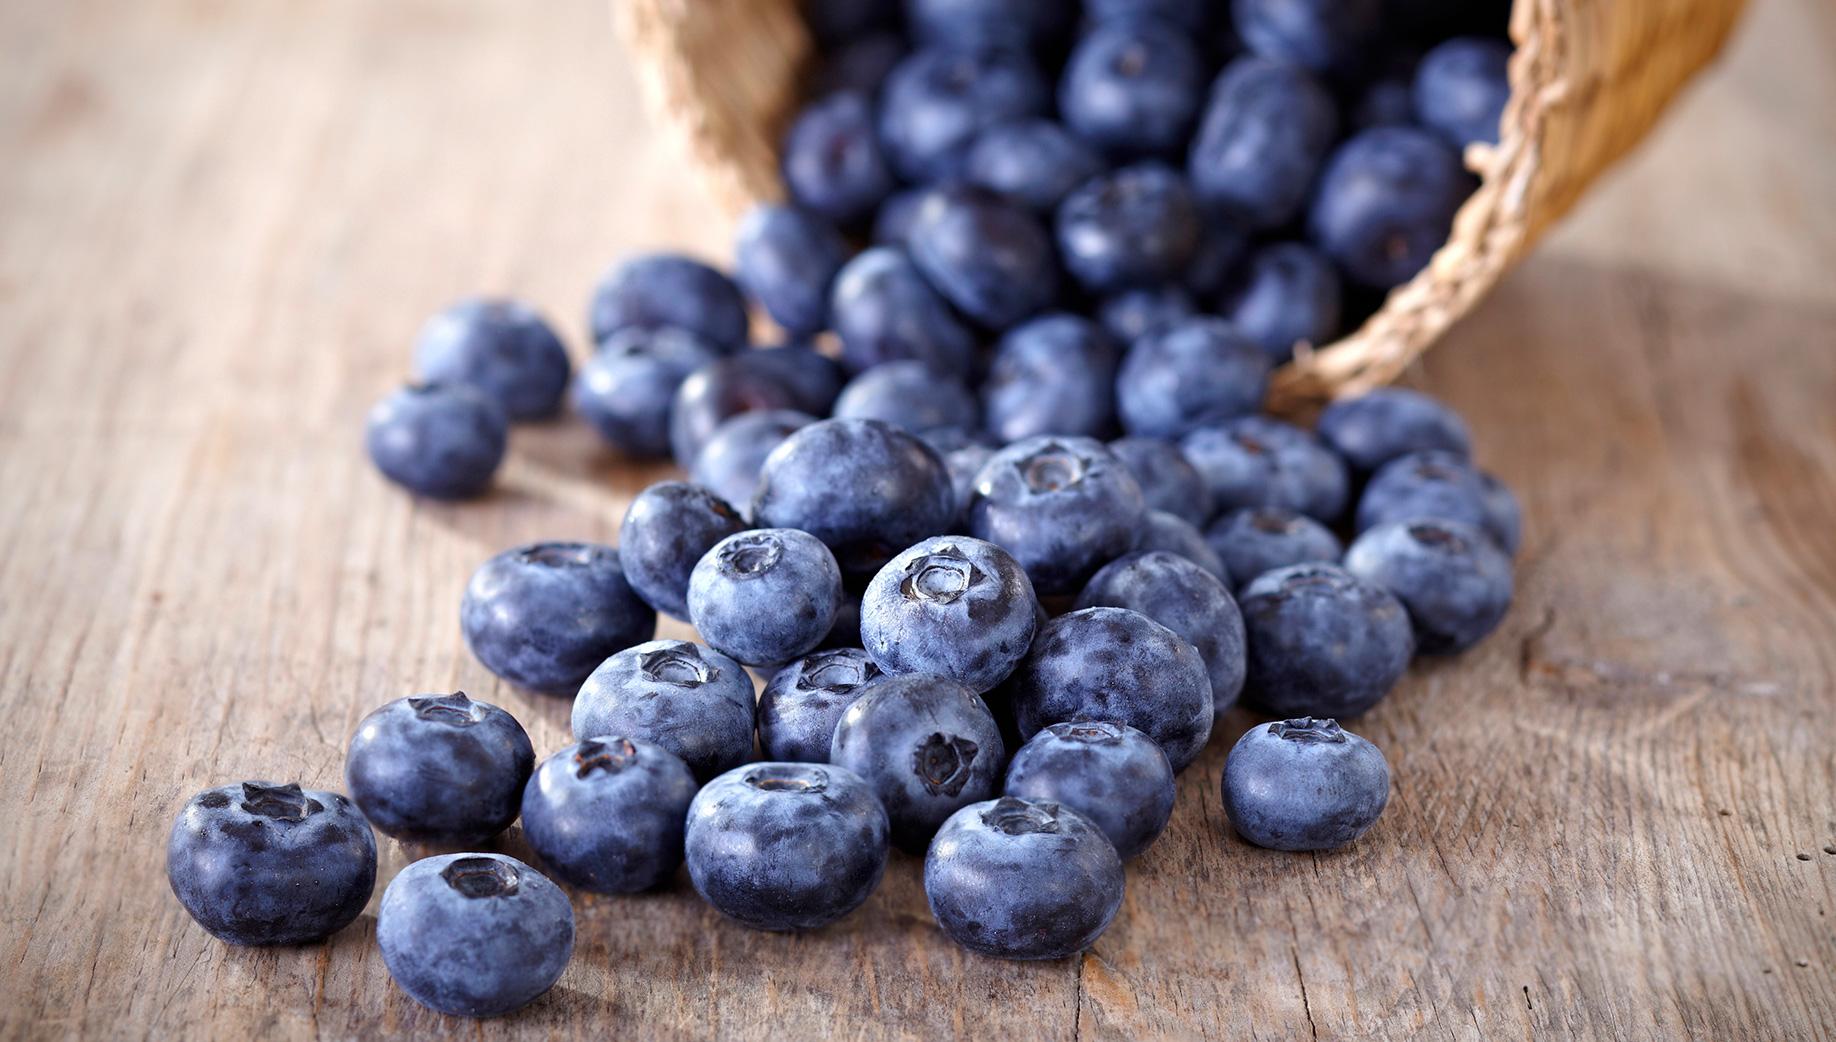 Finalmente il bosco dà i suoi frutti! - Slow Food - Buono, Pulito e Giusto.